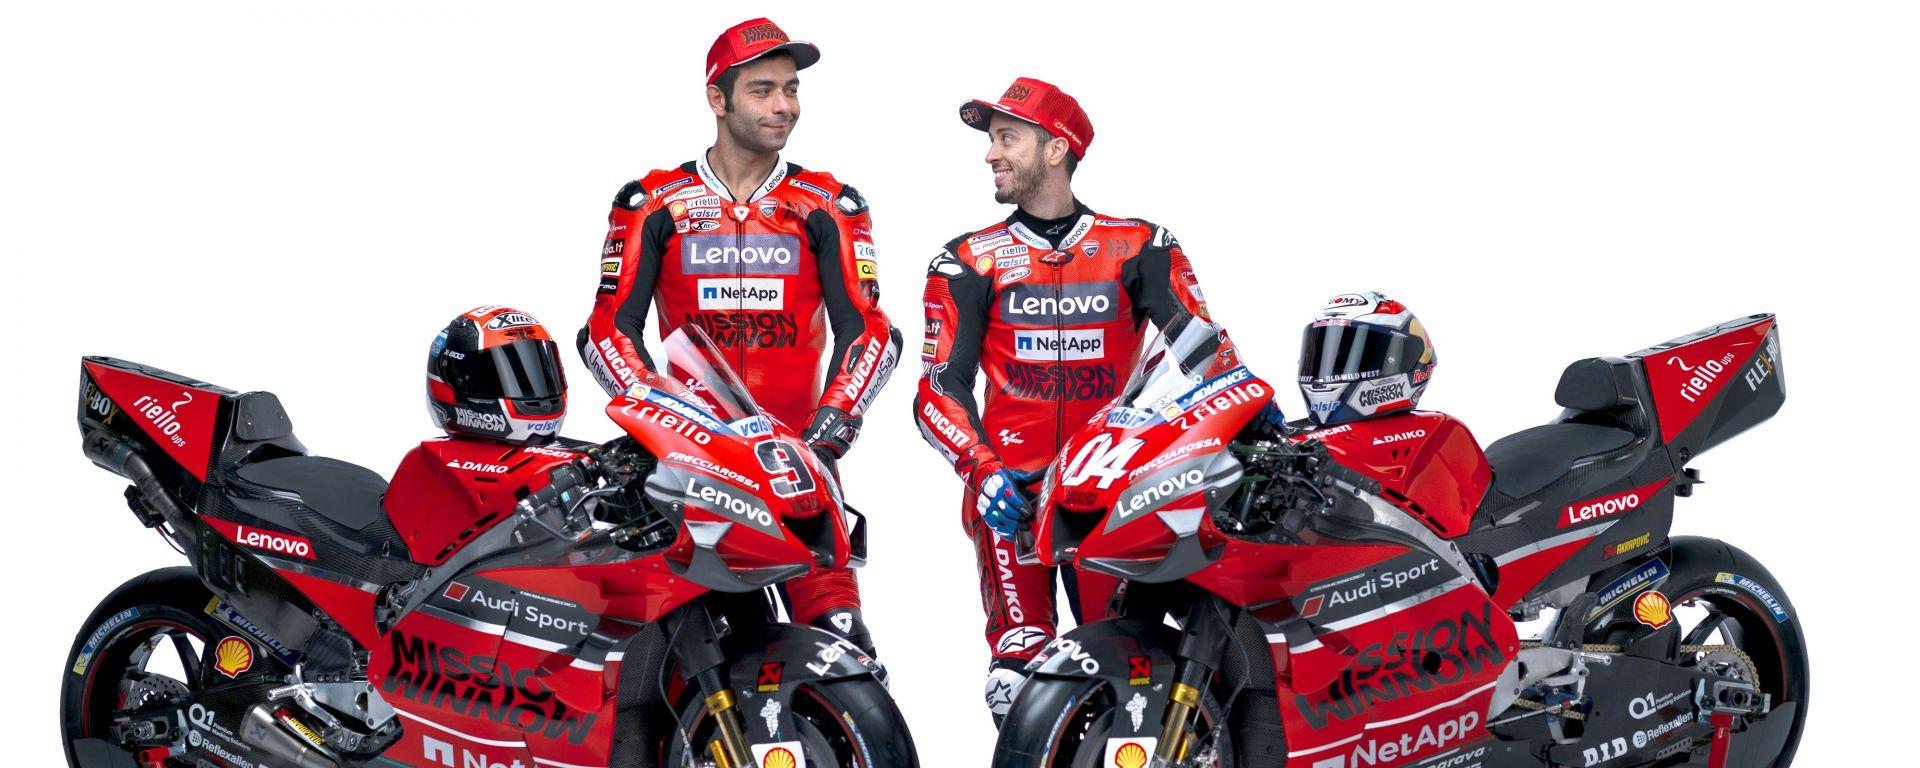 Presentazione Ducati Desmosedici GP20, Andrea Dovizioso e Danilo Petrucci